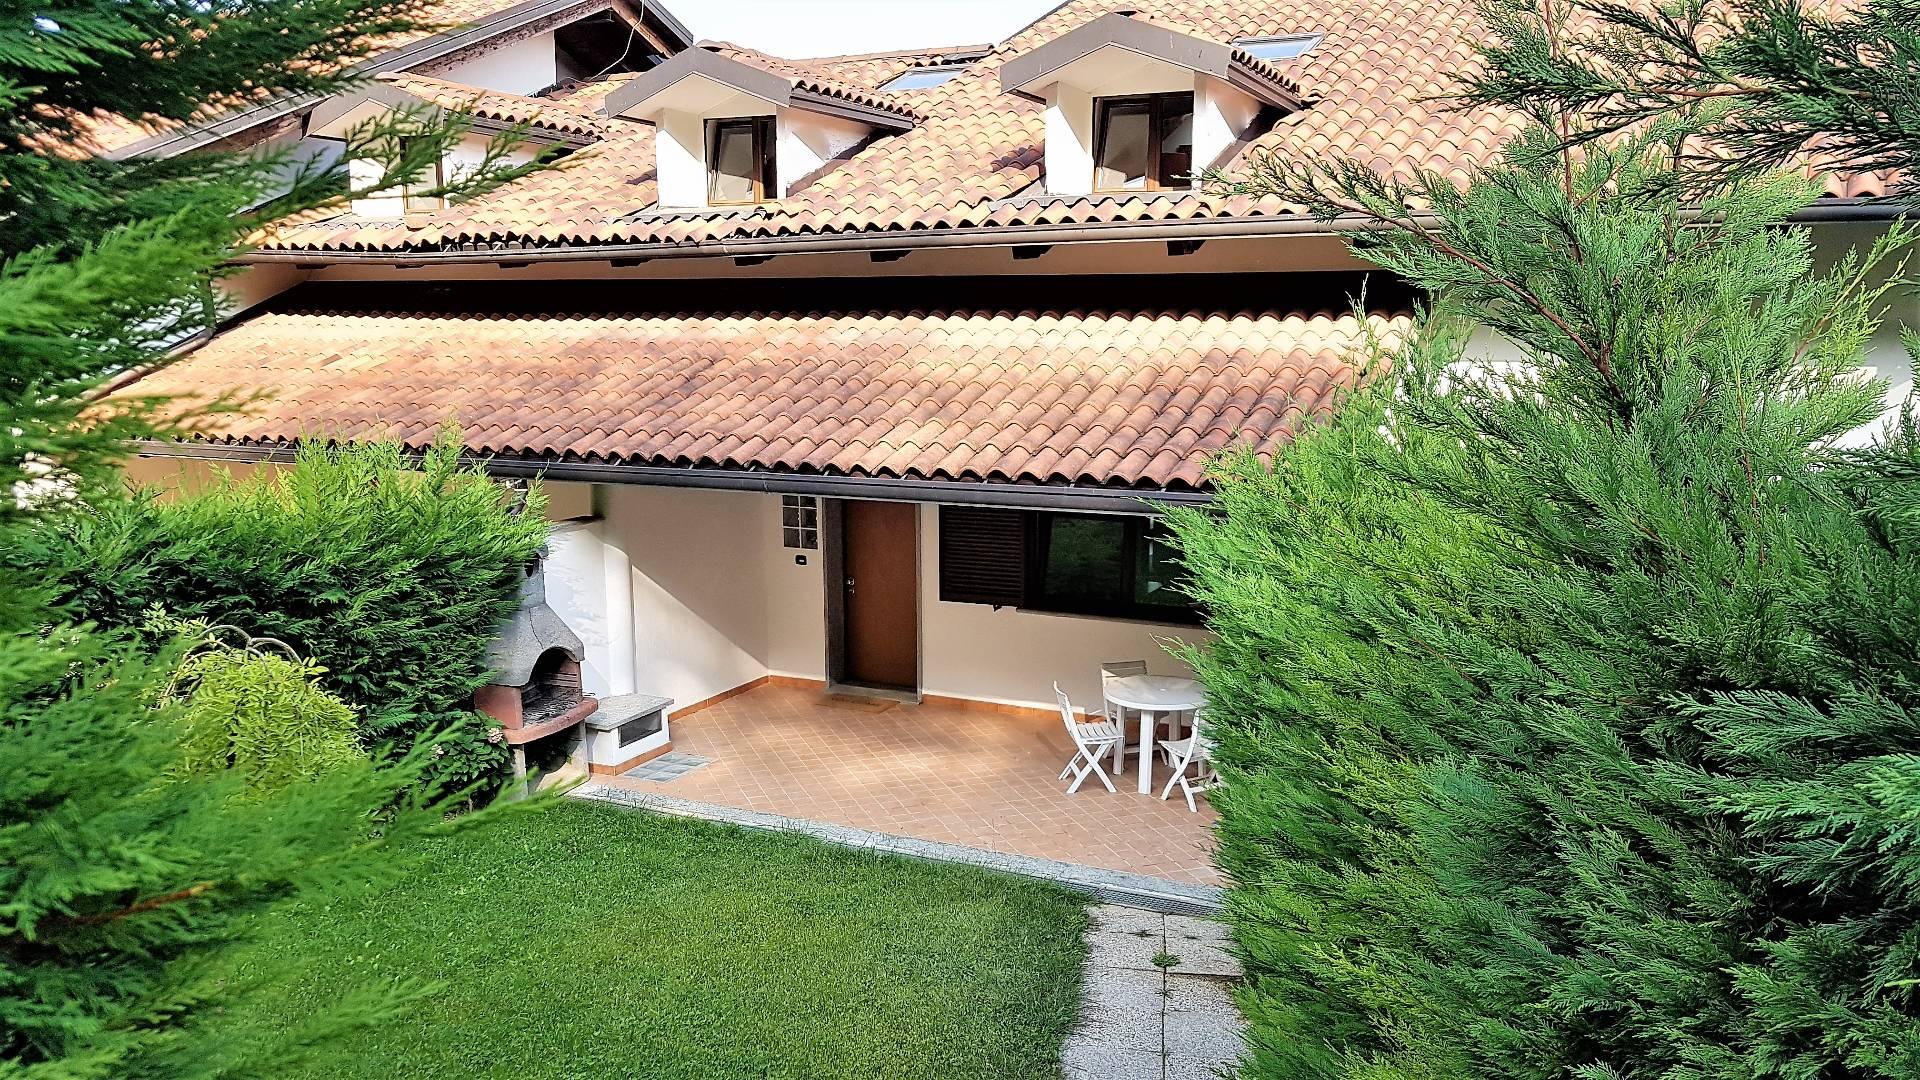 Appartamento in affitto a Pecetto Torinese, 2 locali, zona Zona: Eremo, prezzo € 650 | CambioCasa.it